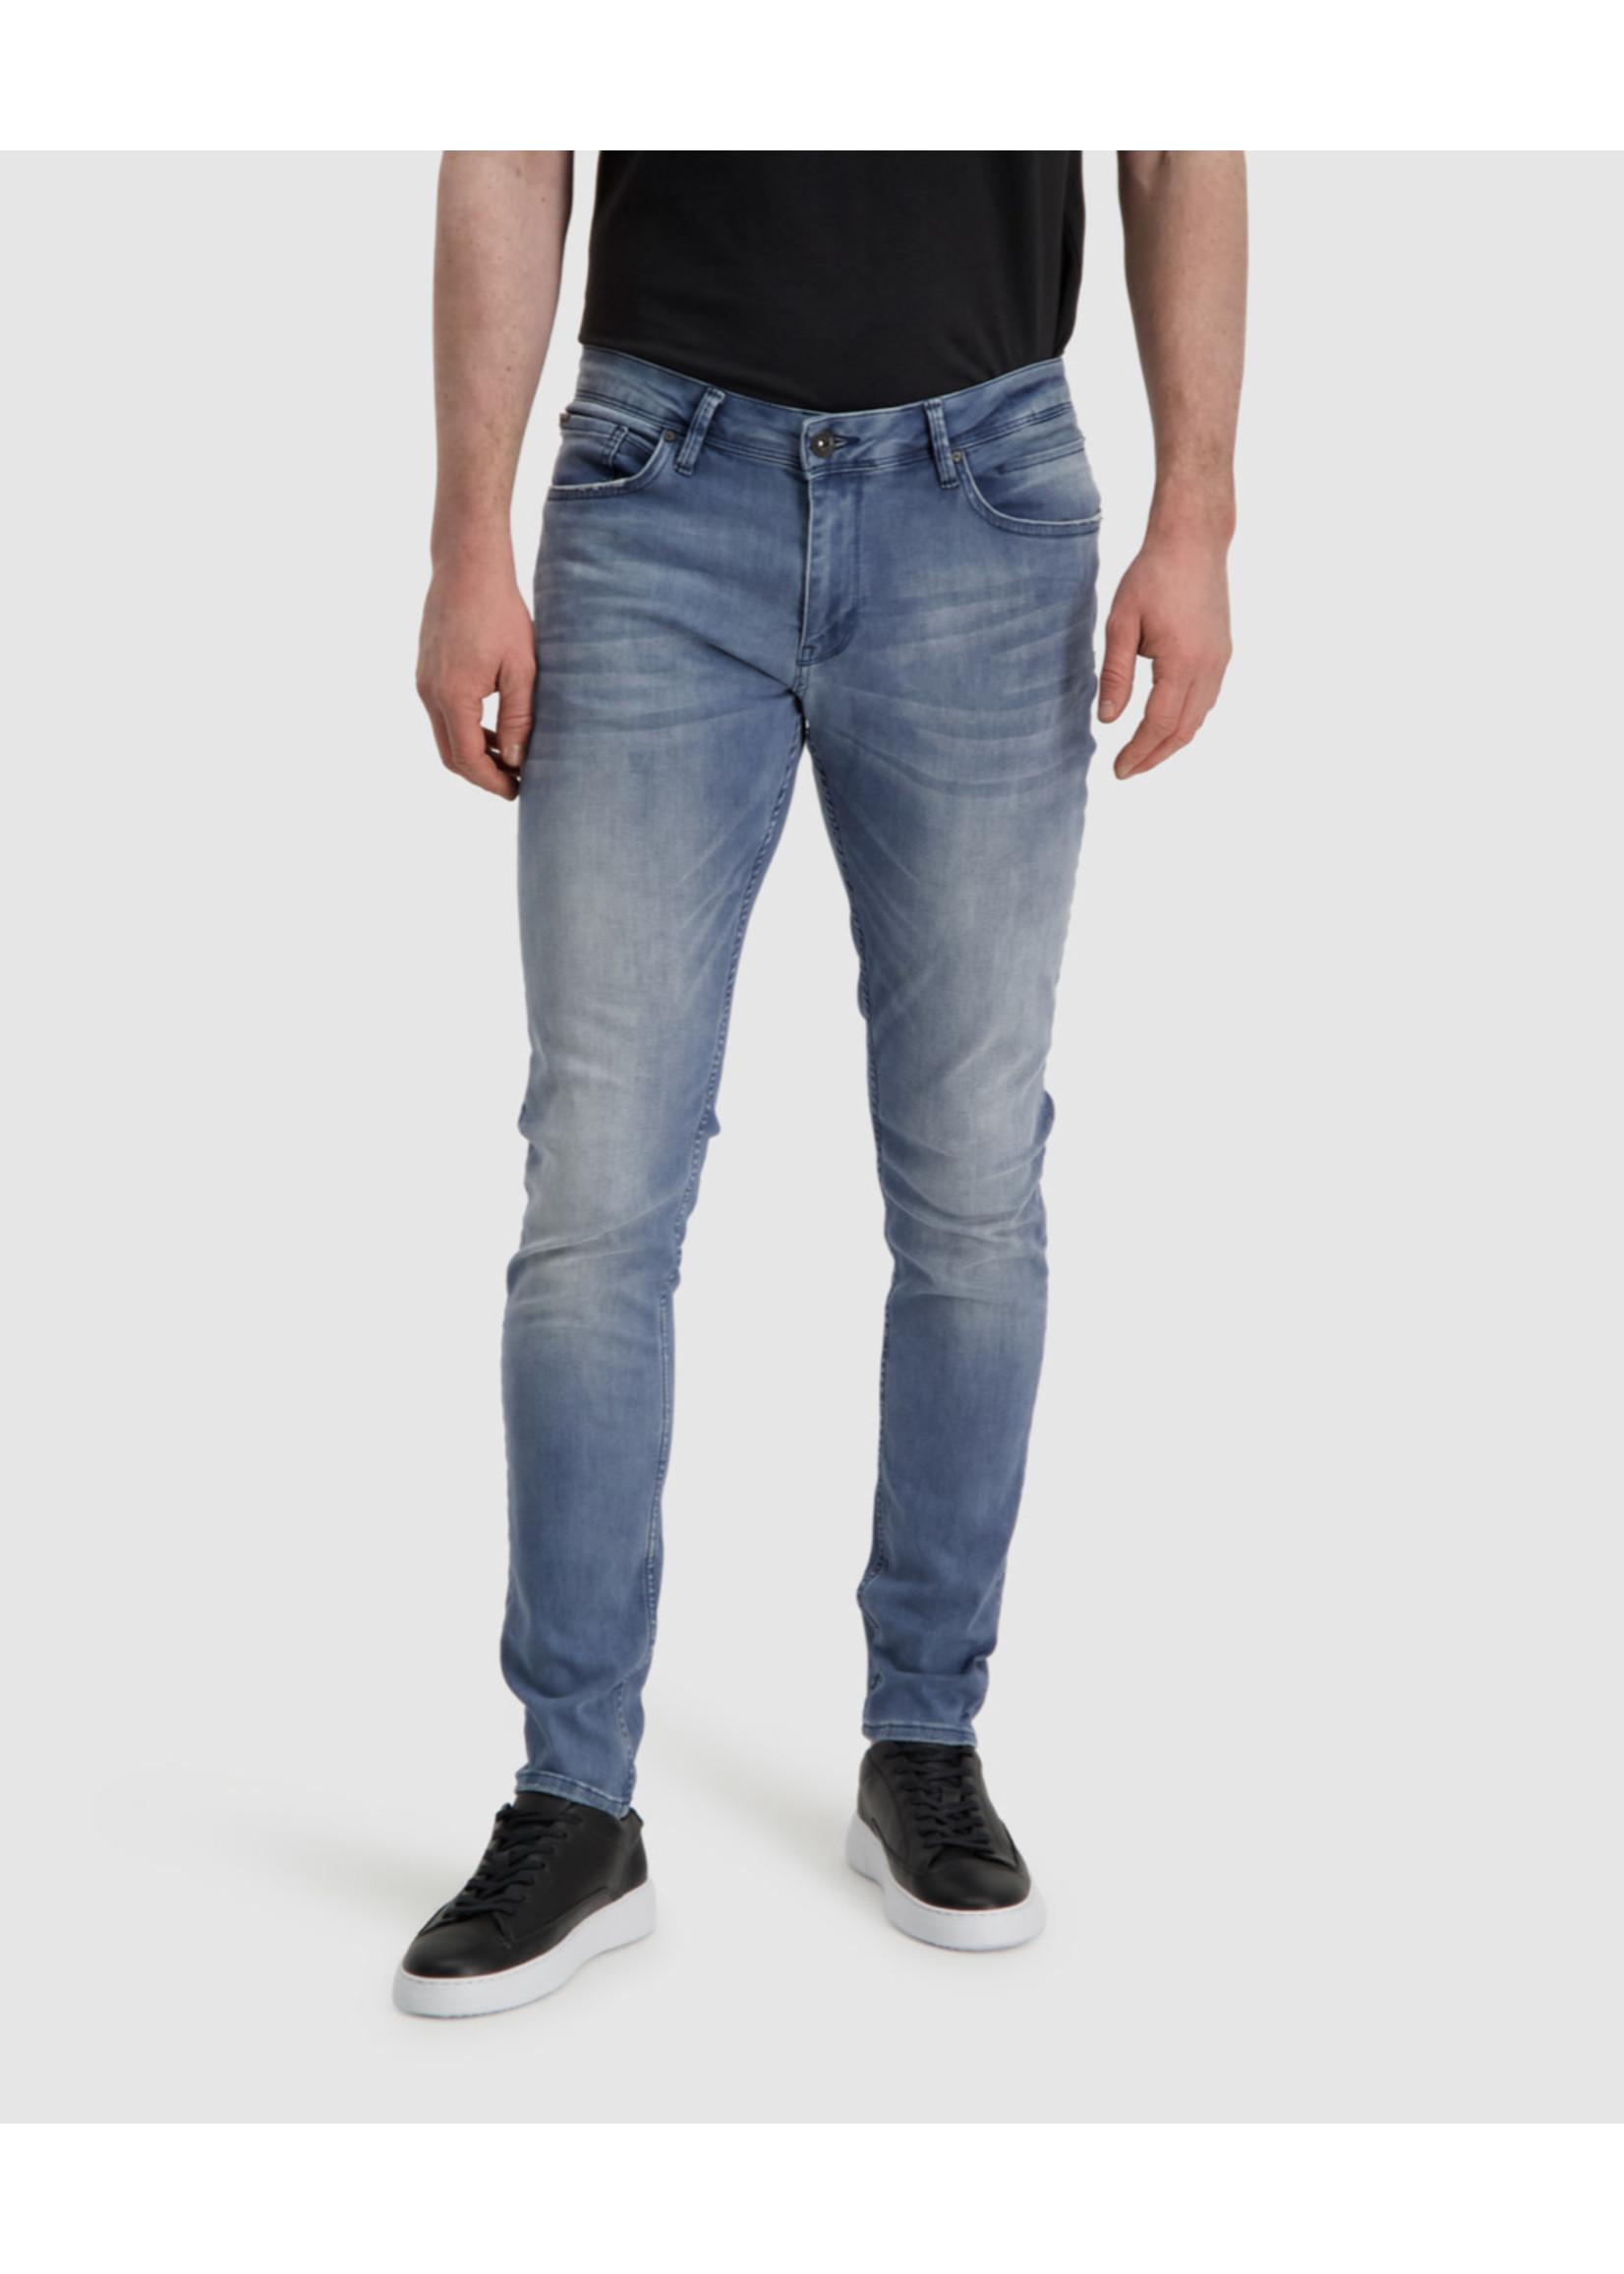 Purewhite Purewhite Jeans The Jone 0386 - Blue